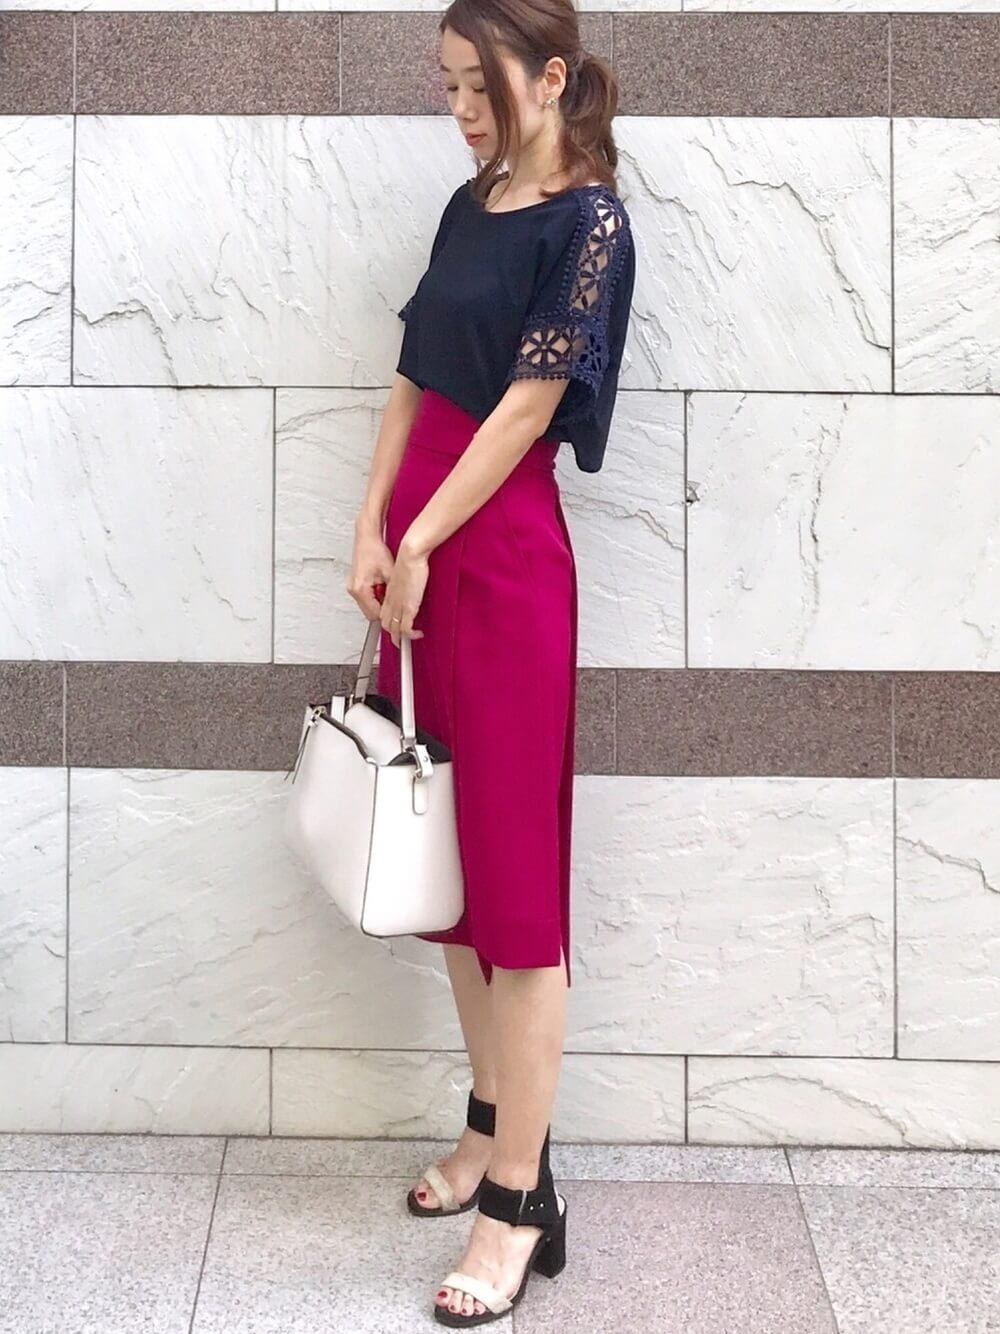 ラズベリーピンクタイトスカートとネイビートップスのコーデ画像